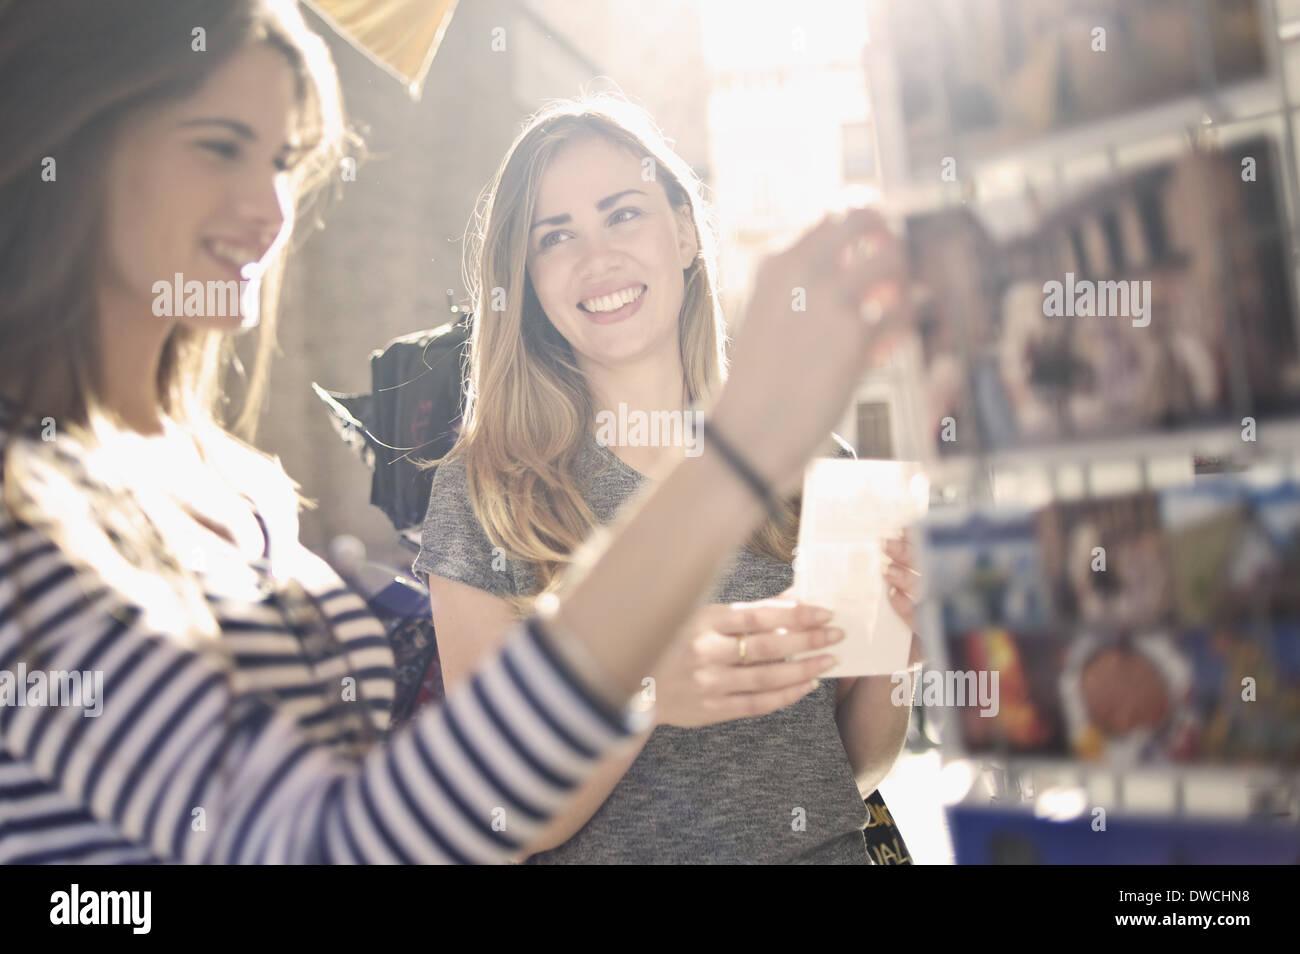 Deux jeunes femmes à la recherche d'amis à cartes postales, Valencia, Espagne Photo Stock